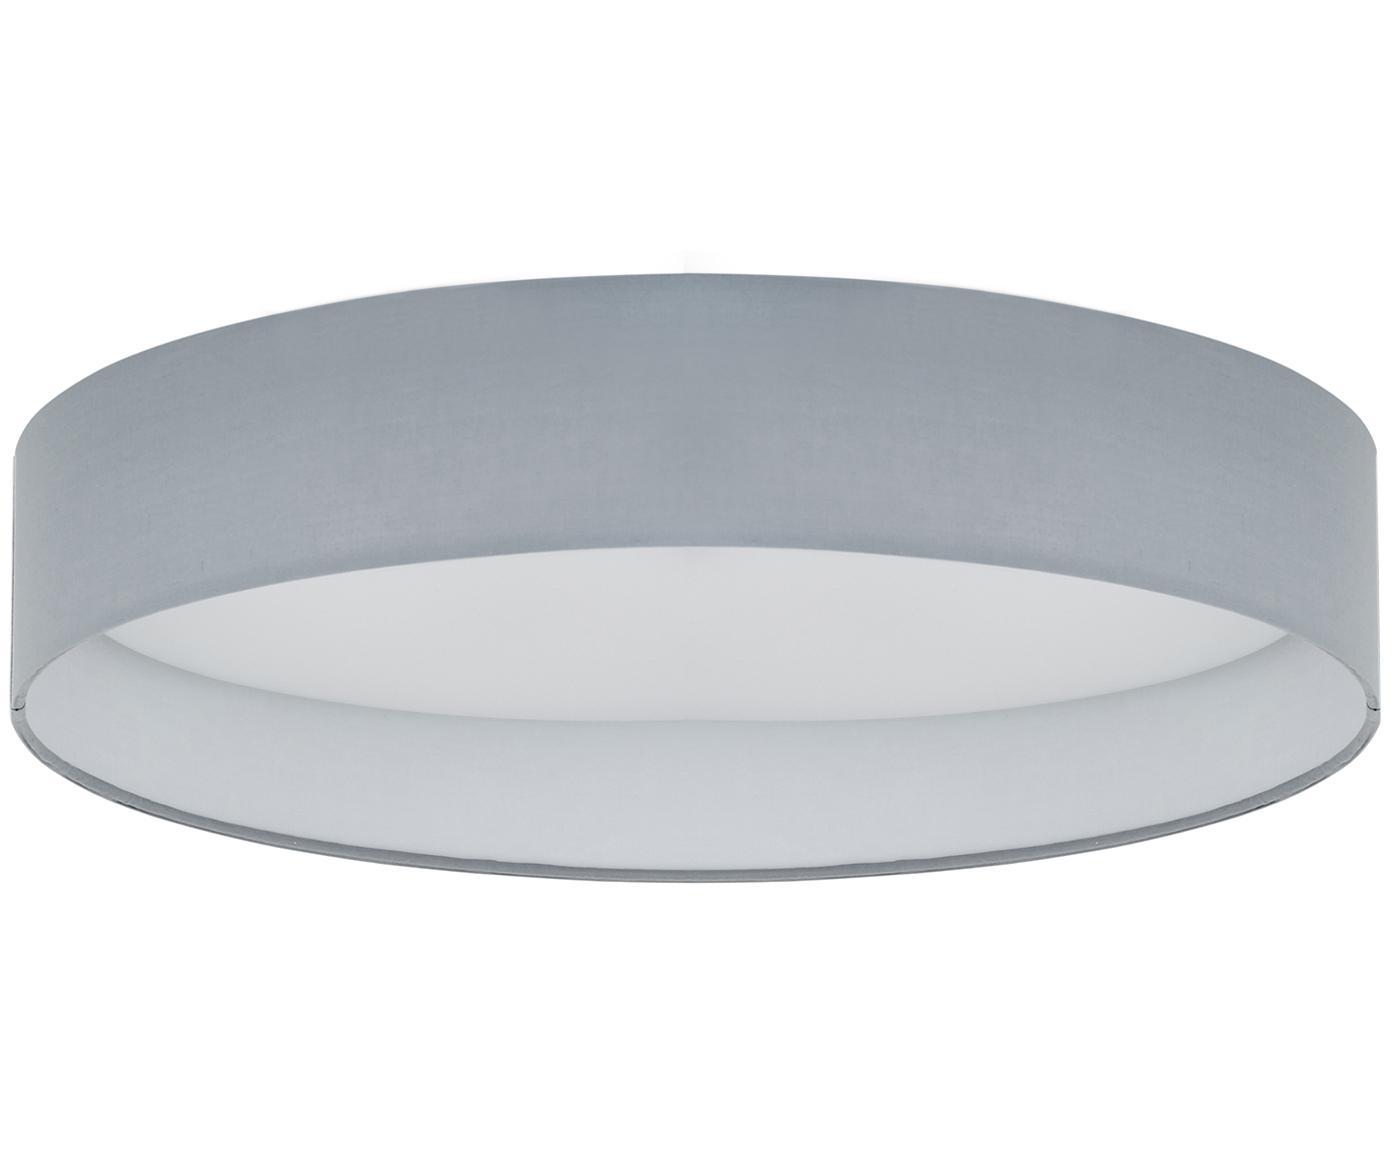 Lampa sufitowa LED Helen, Szary, Ø 52 x W 11 cm